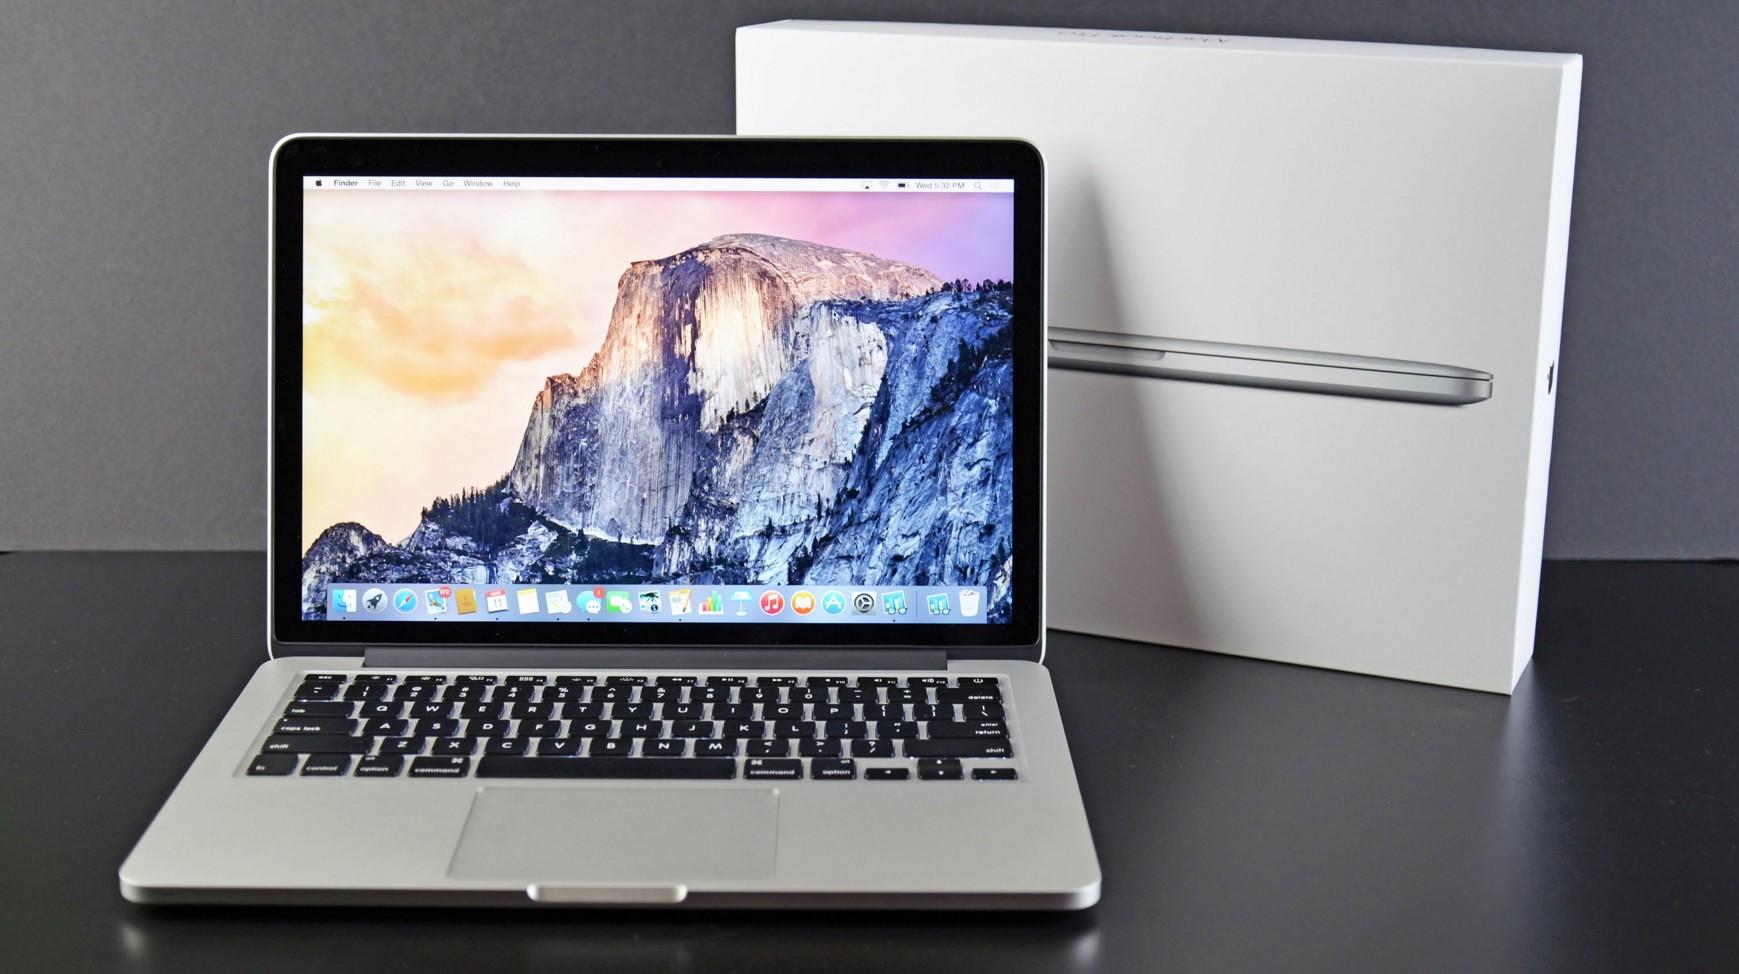 le nouveau macbook pro pourrait bientot etre annonce article